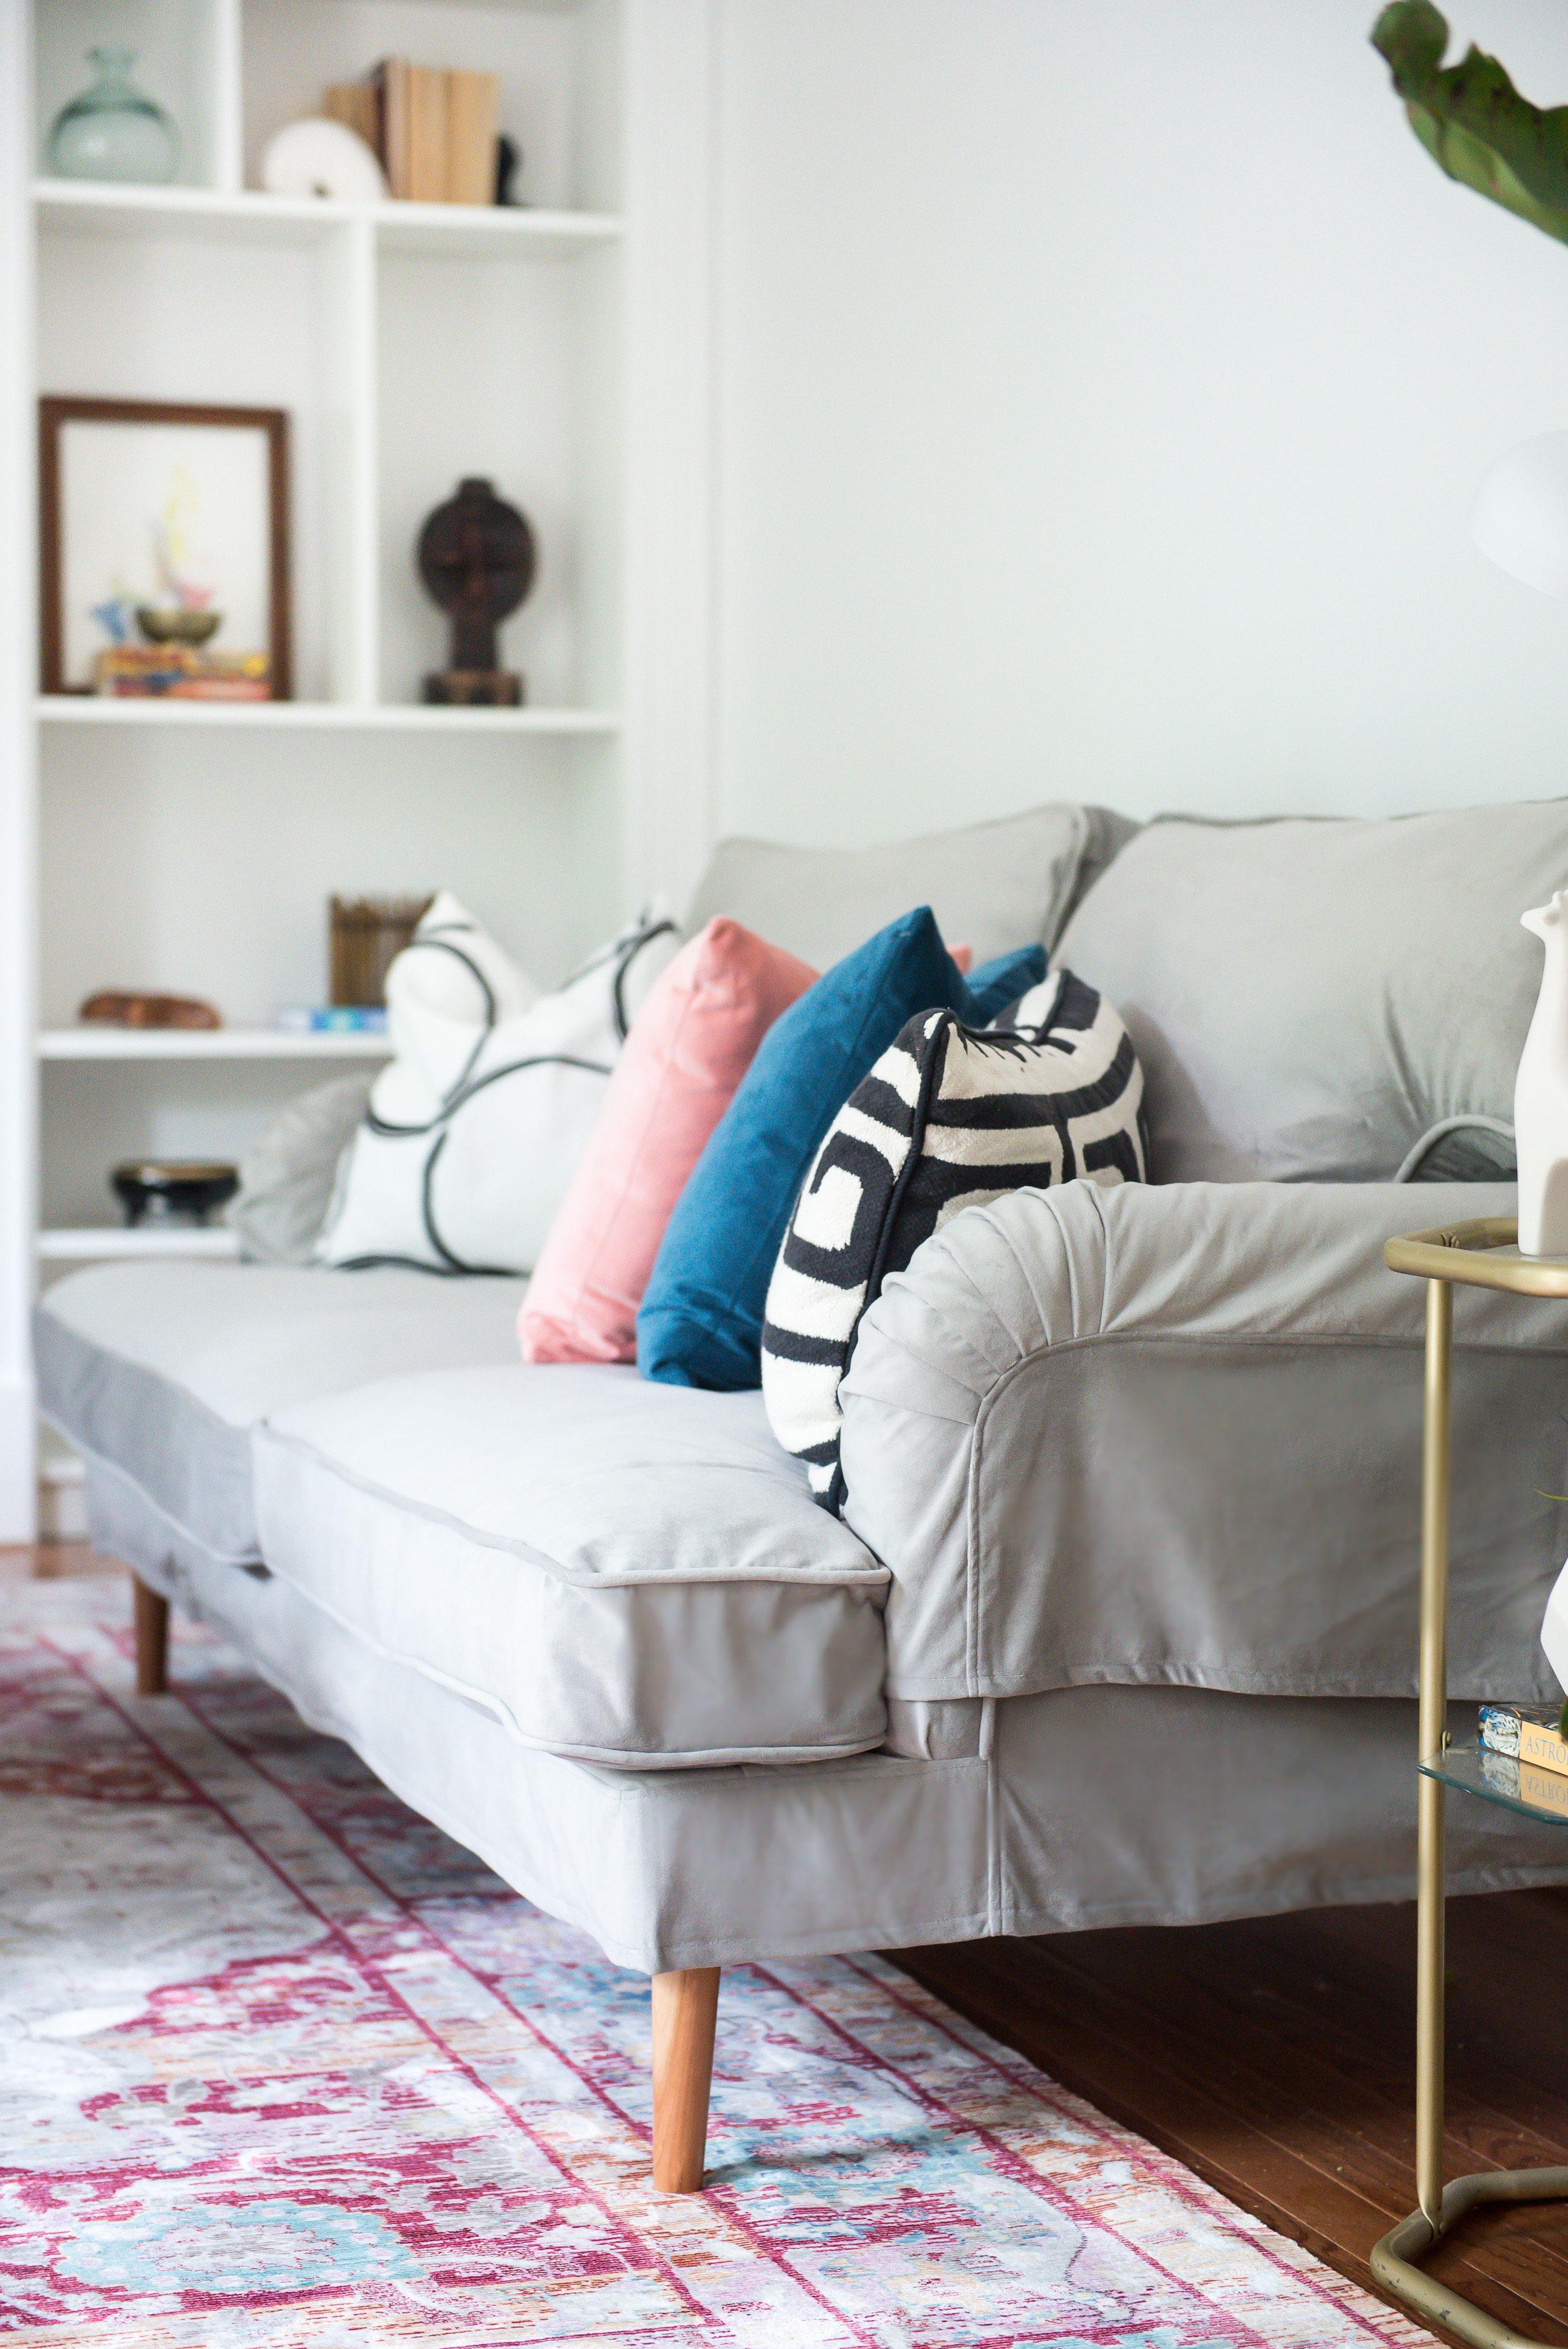 Divano Velluto Blu Ikea fin qui tutto bene? la nostra top 10 dei divani preferiti di